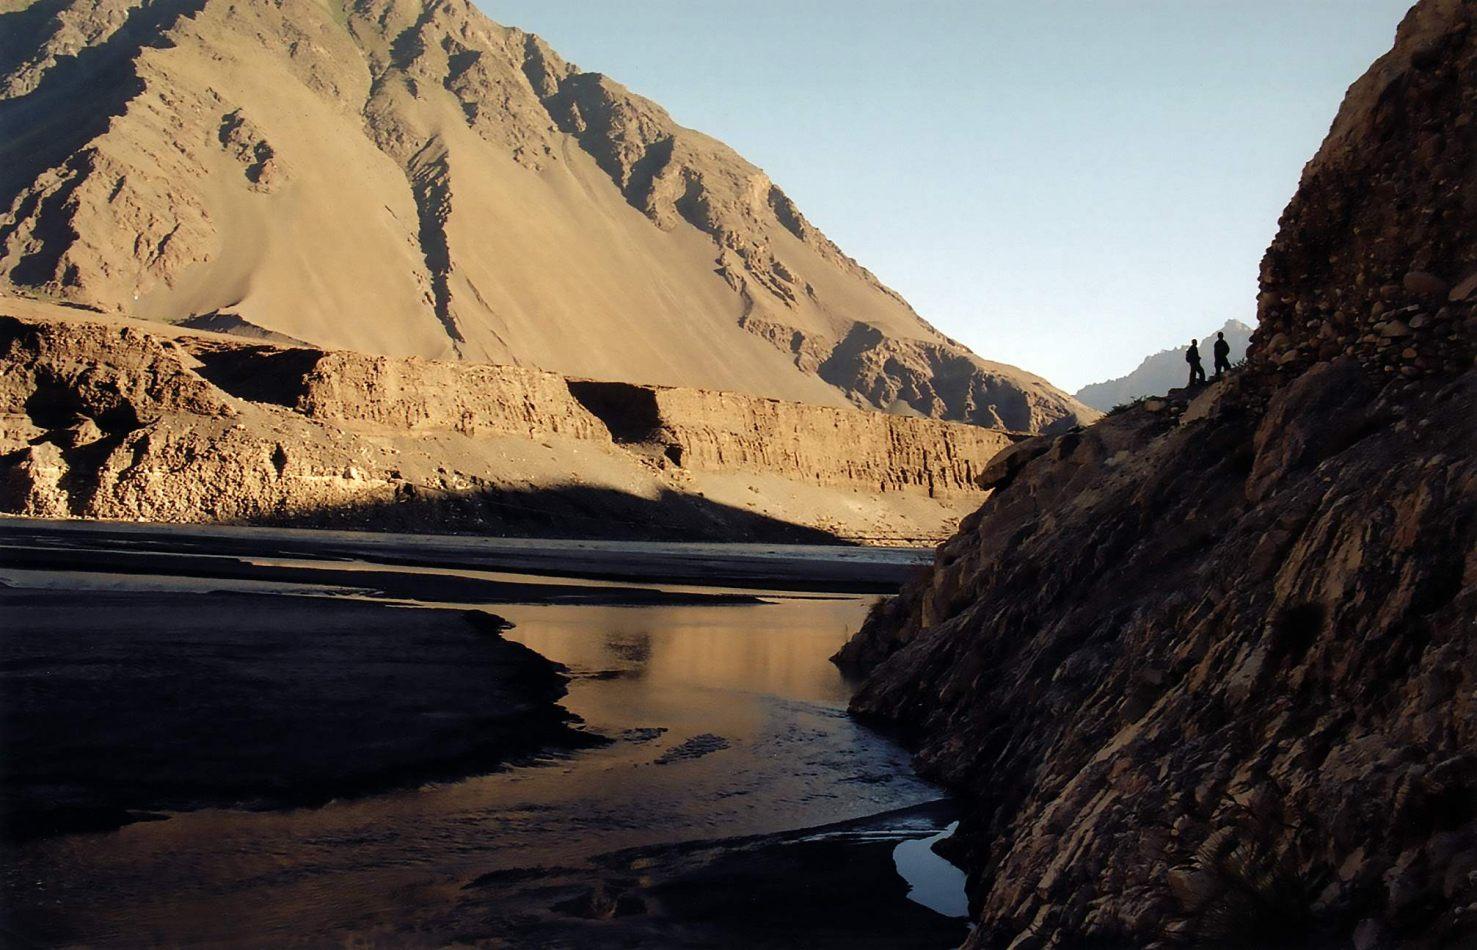 Anthony Ellis Photography: Zindabad - The Hunza River